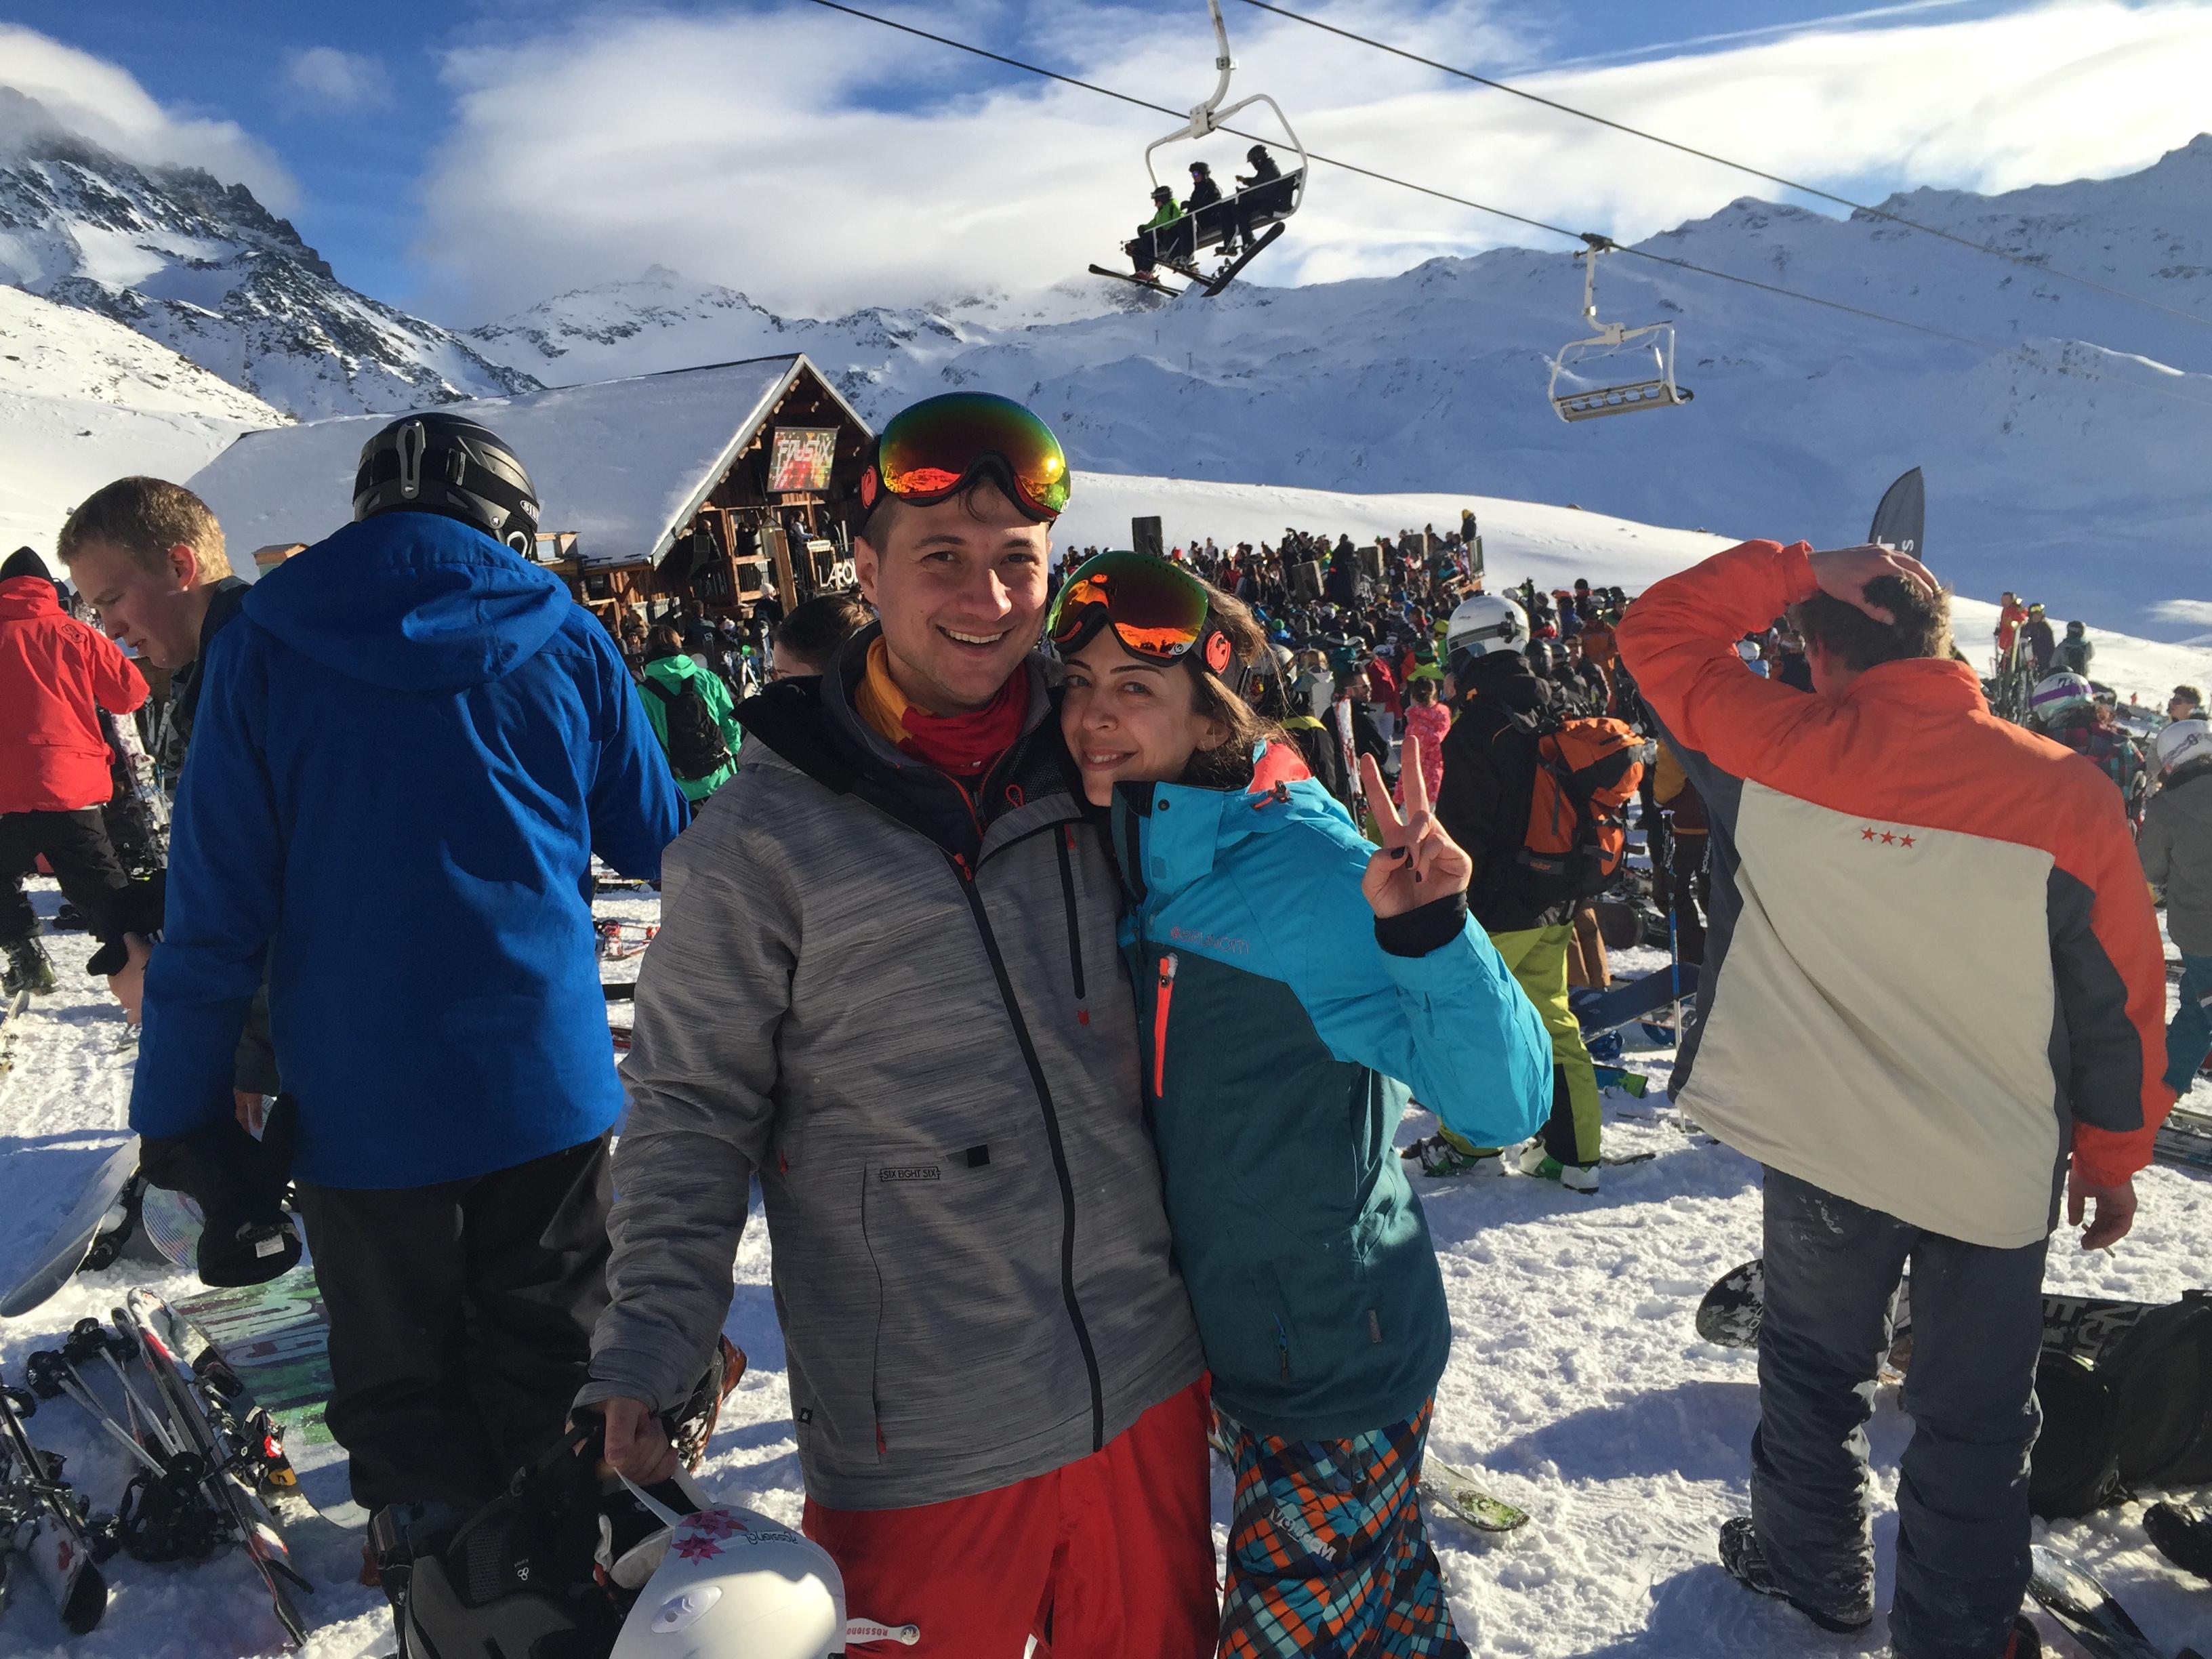 La Folie Douche'de Apres-Ski (Ski sonrası) partisi :)